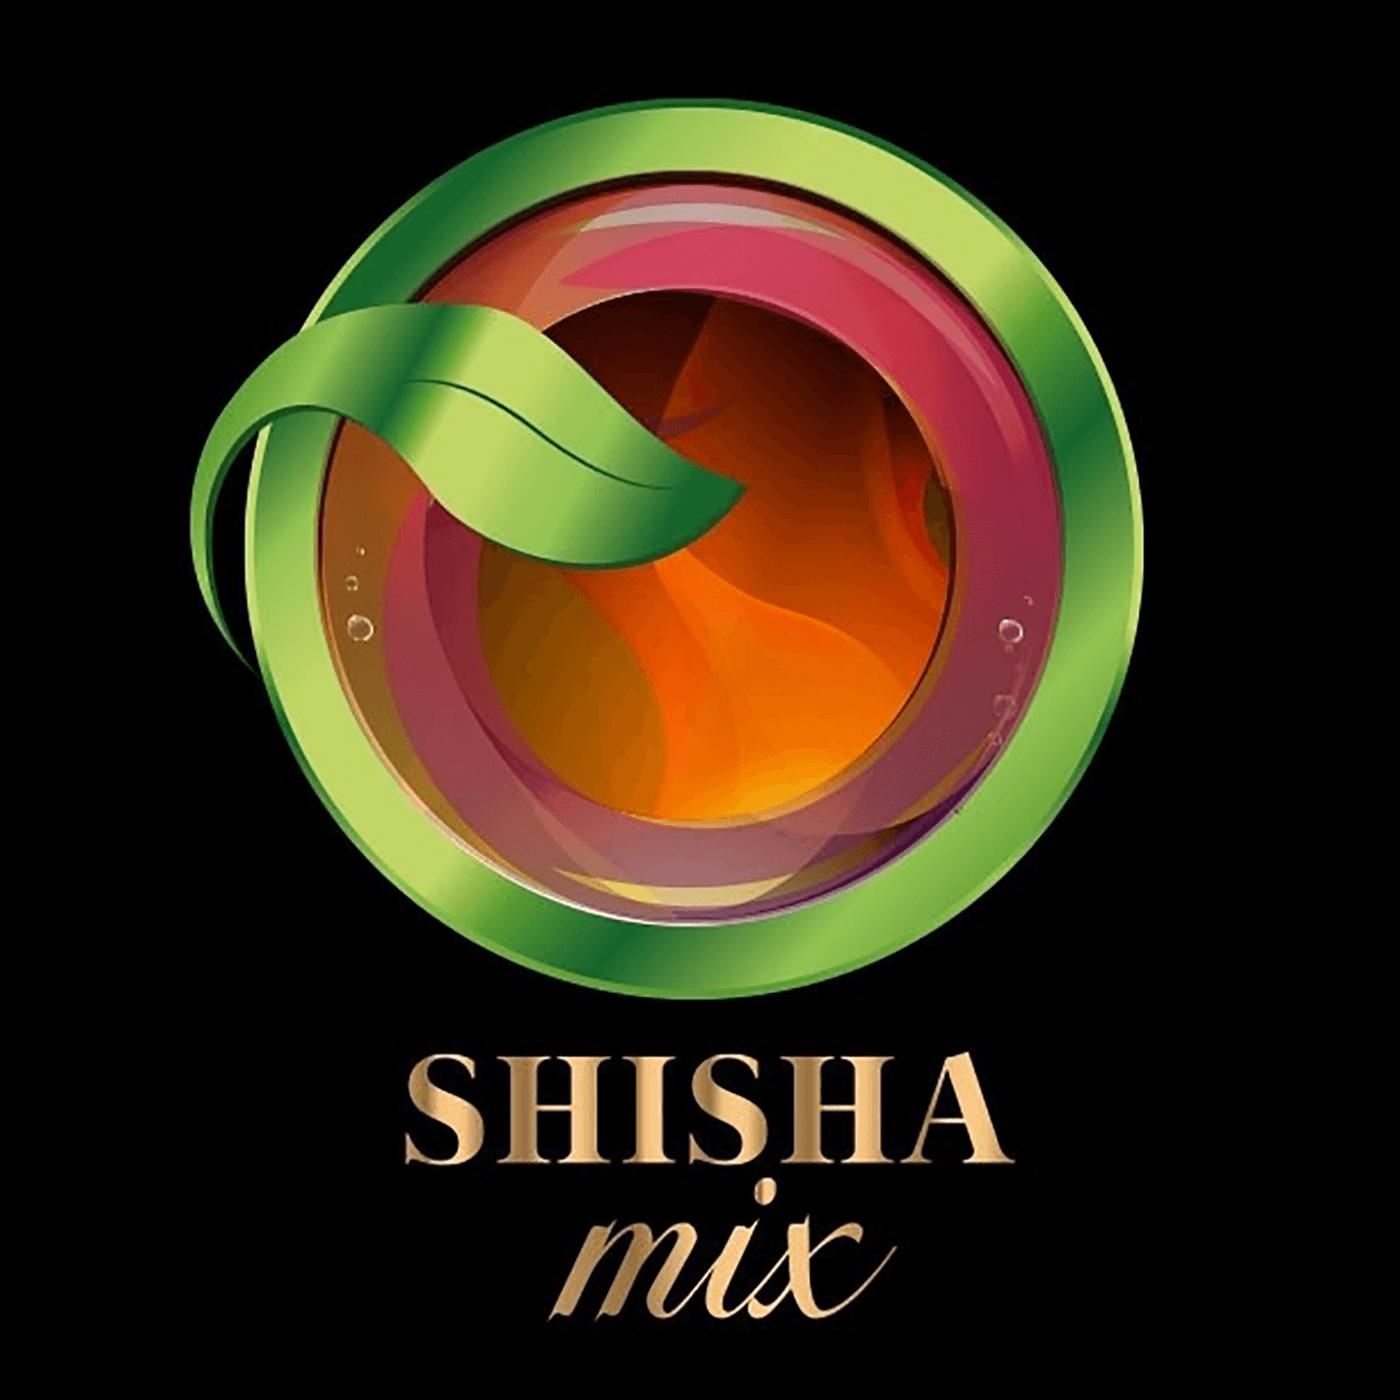 Tekućina za e-cigarete, Shisha Mix, 10 ml, 9mg